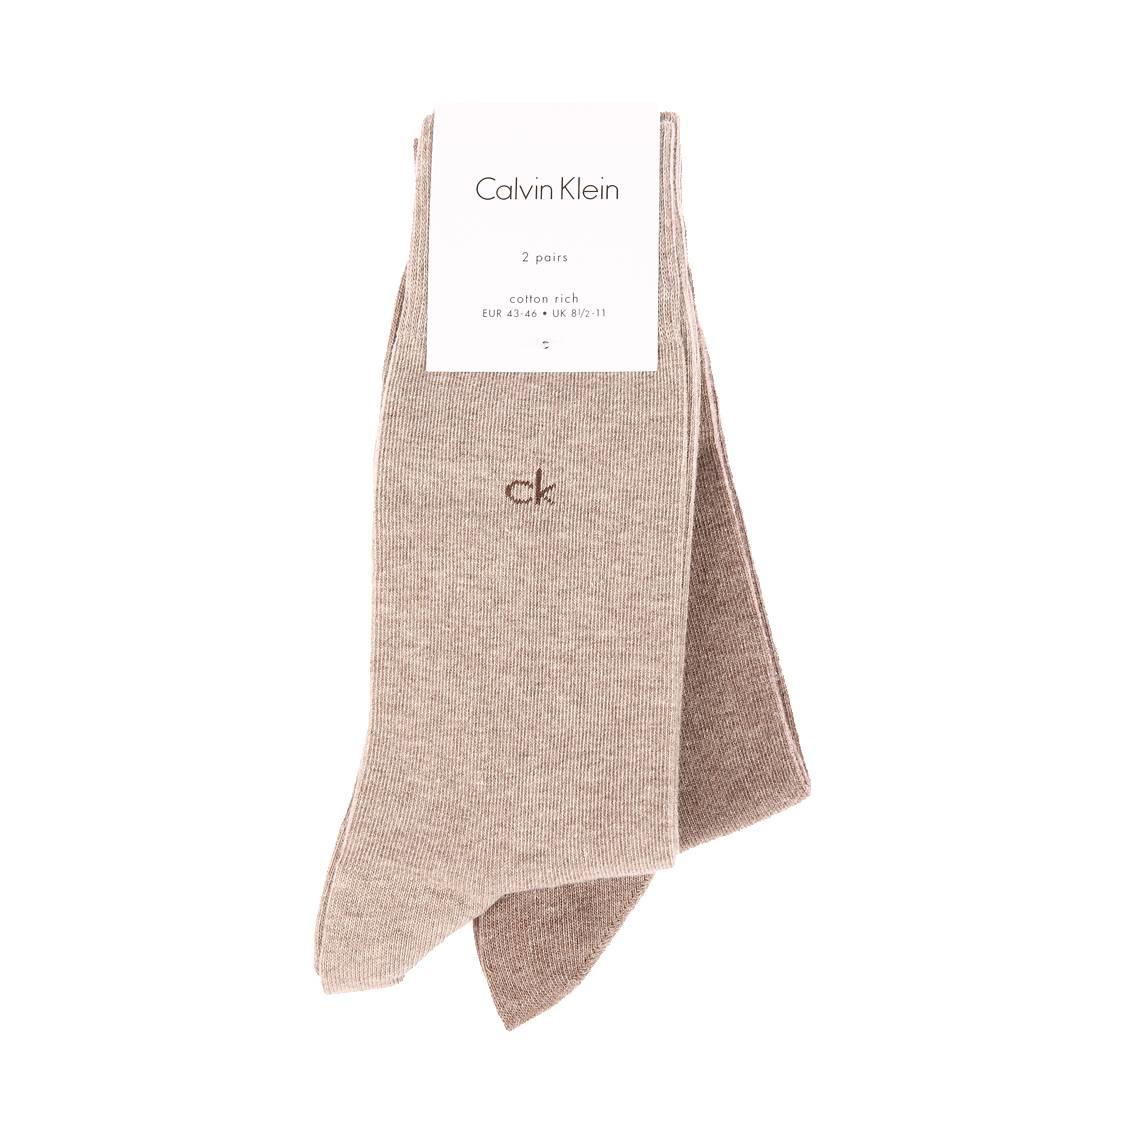 Lot de 2 paires de chaussettes calvin klein casual flat knit en coton stretch beige et marron clair chiné